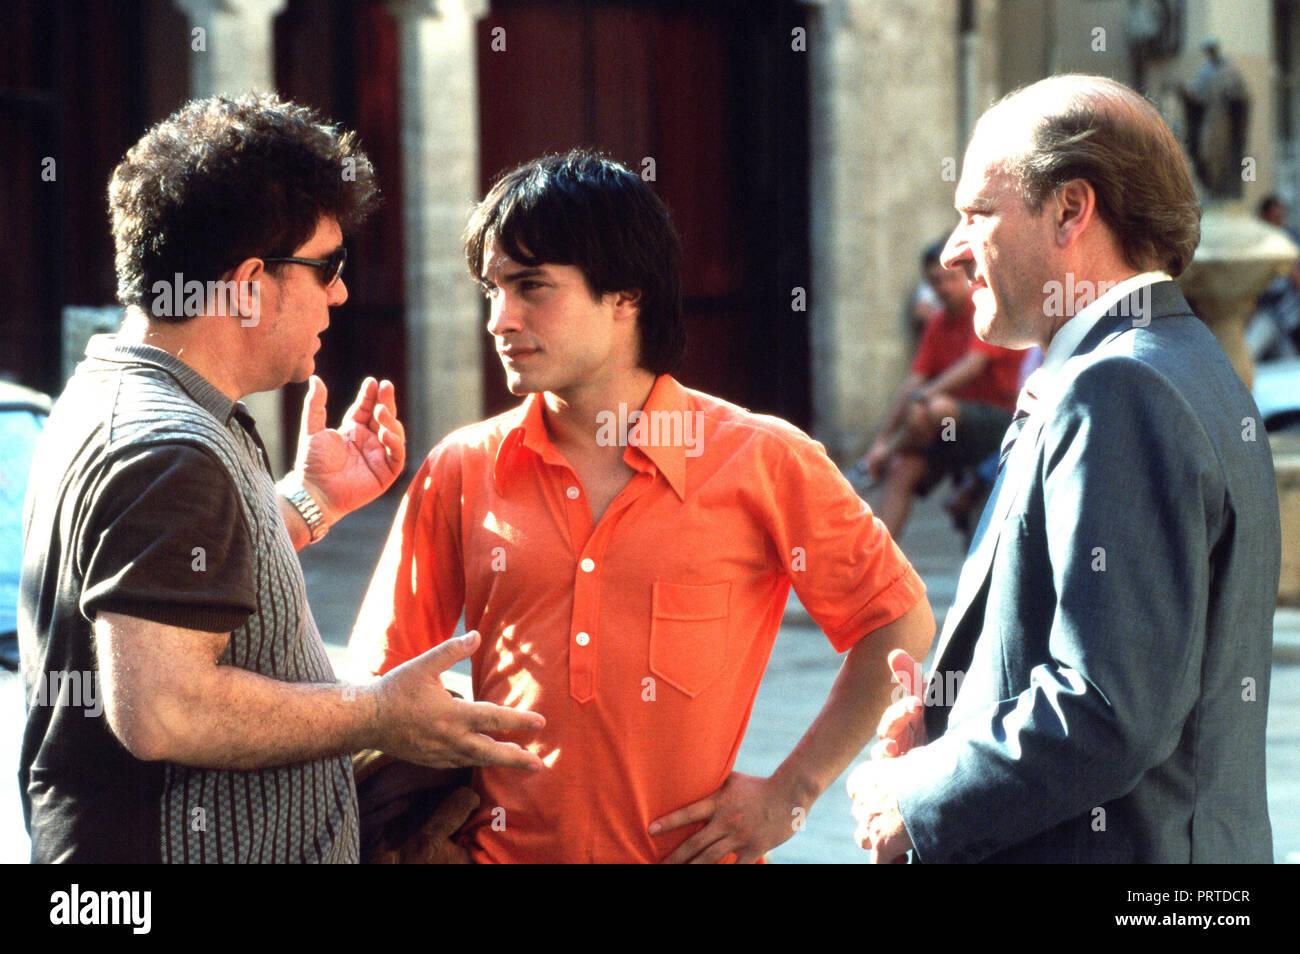 ¿Cuánto mide Gael García Bernal? - Estatura y peso - Real height - Página 2 Original-film-title-la-mala-educacion-english-title-bad-education-year-2004-director-pedro-almodovar-stars-pedro-almodovar-lluis-homar-gael-garcia-bernal-credit-el-deseo-sa-album-PRTDCR